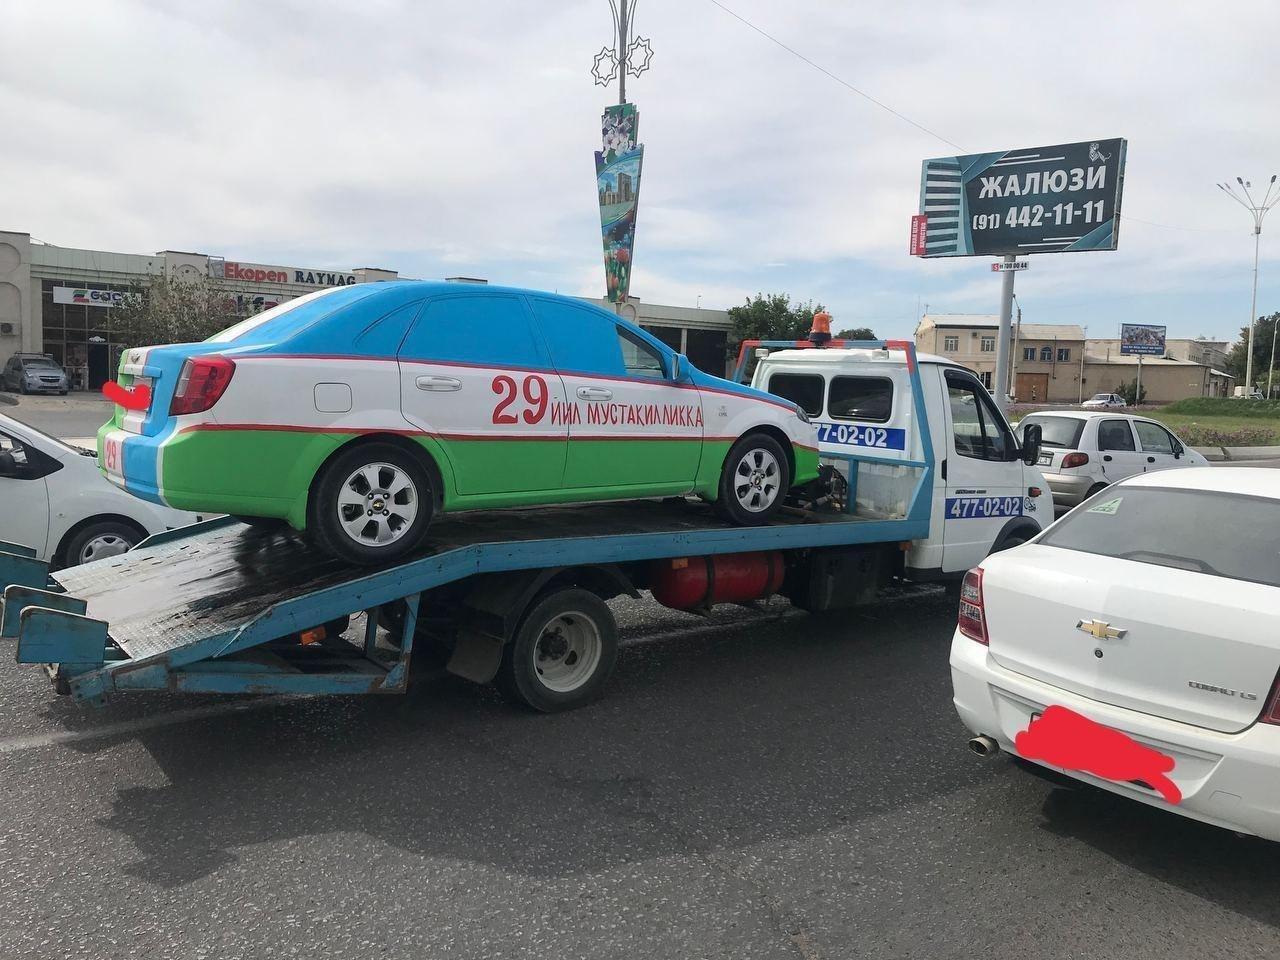 Автолюбителей «обрадовали» новым налогом за парковку